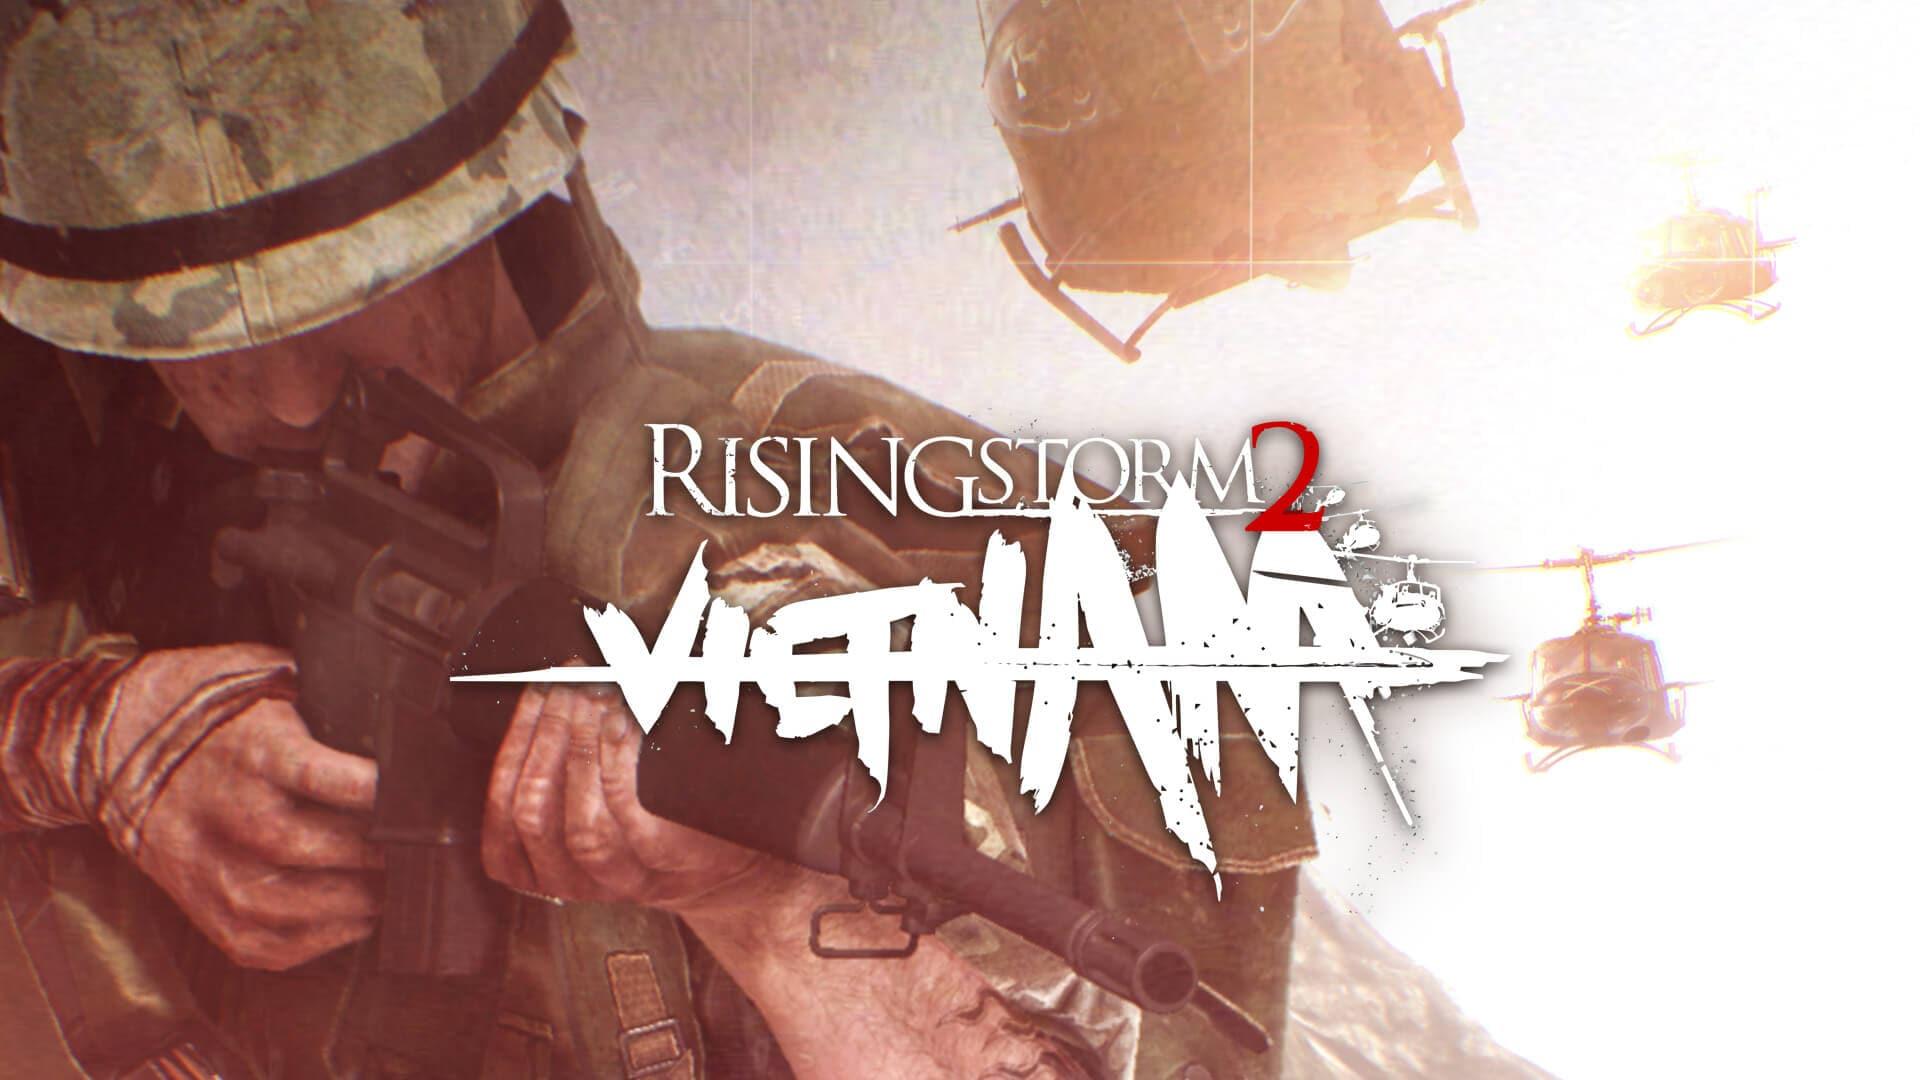 В ближайшие дни Rising Storm 2: Vietnam получит последнее обновление 1.6